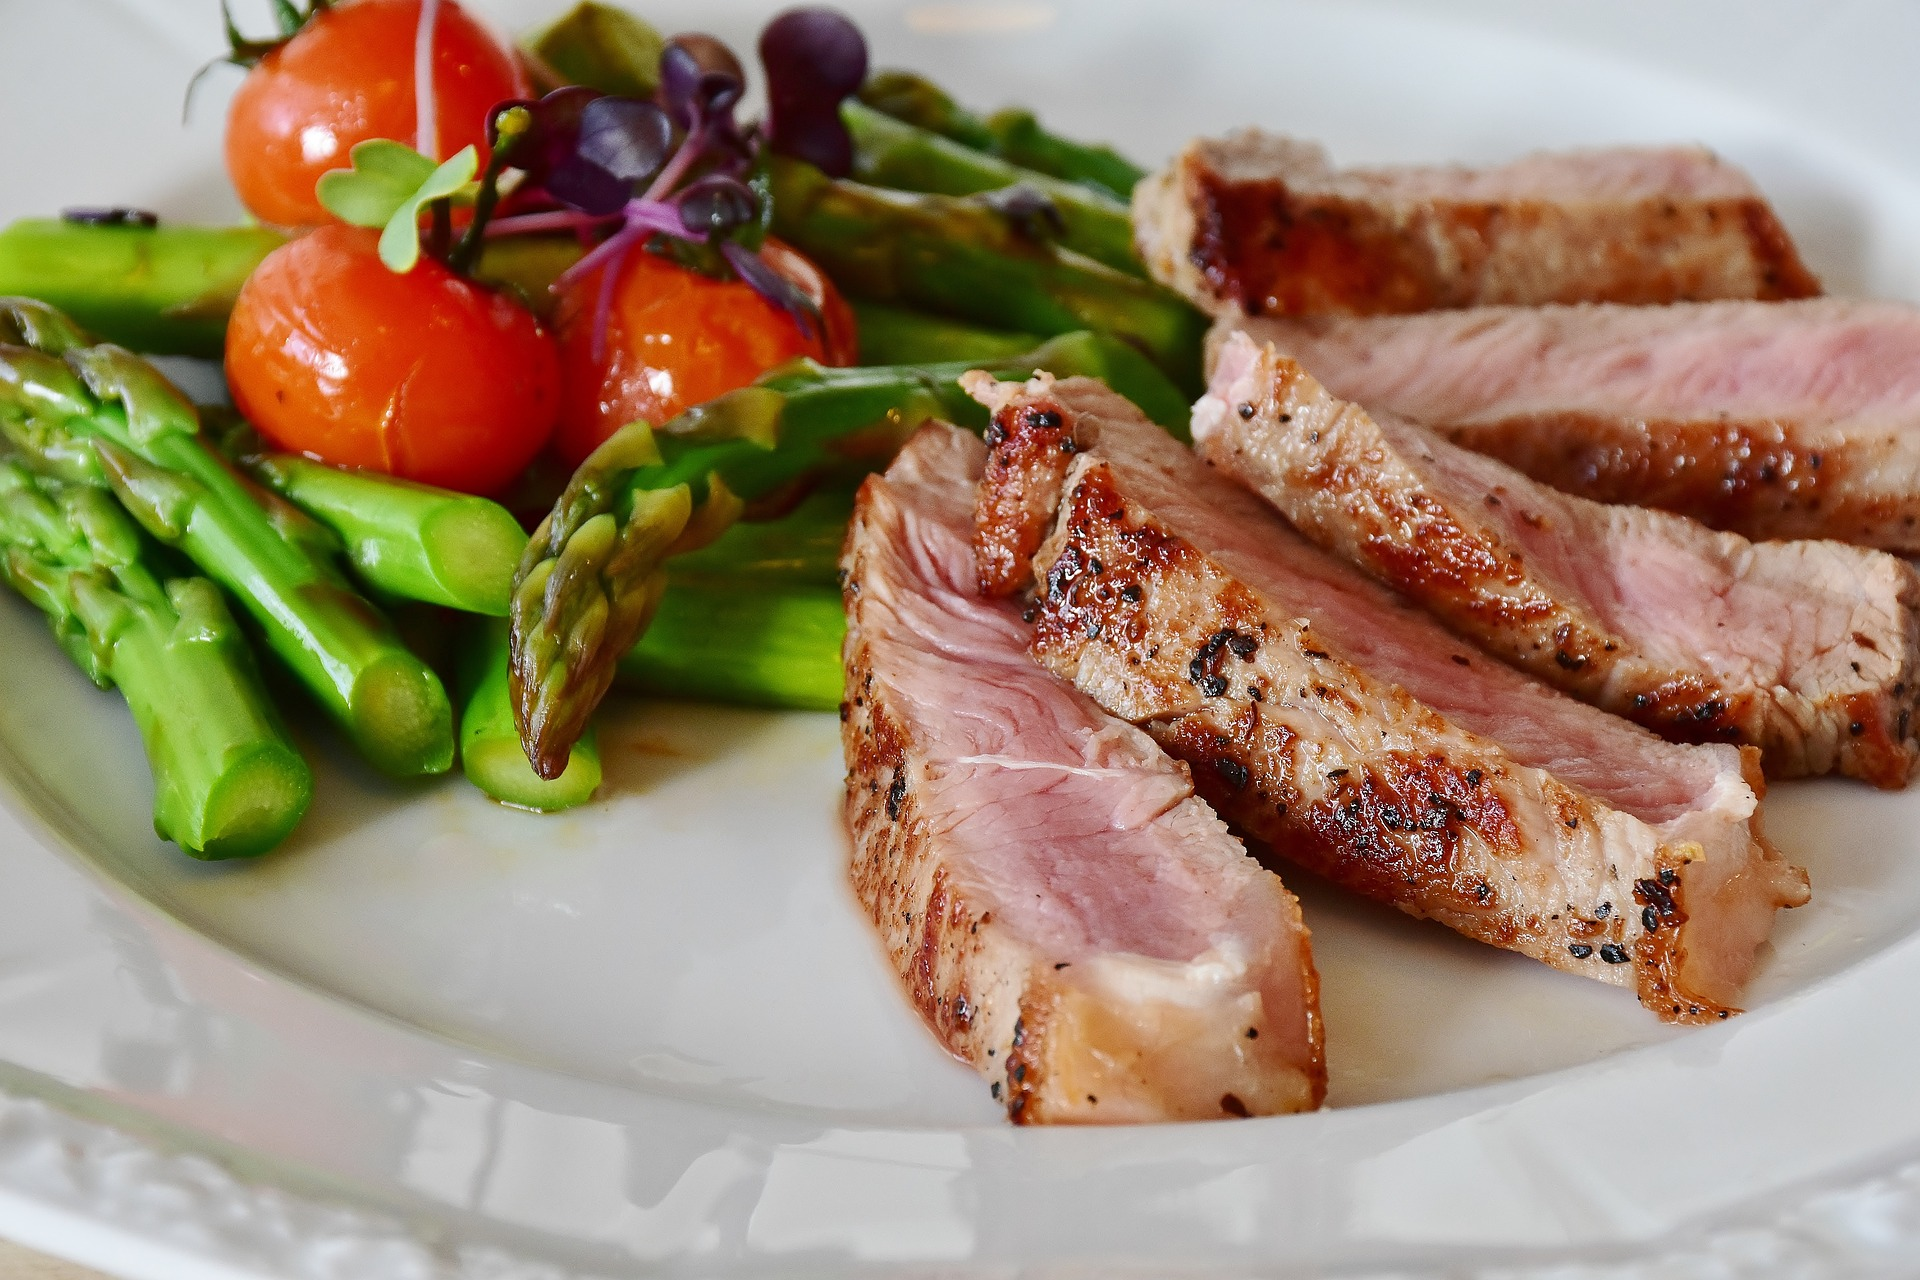 asparagus-2169305_1920_1559922640152.jpg